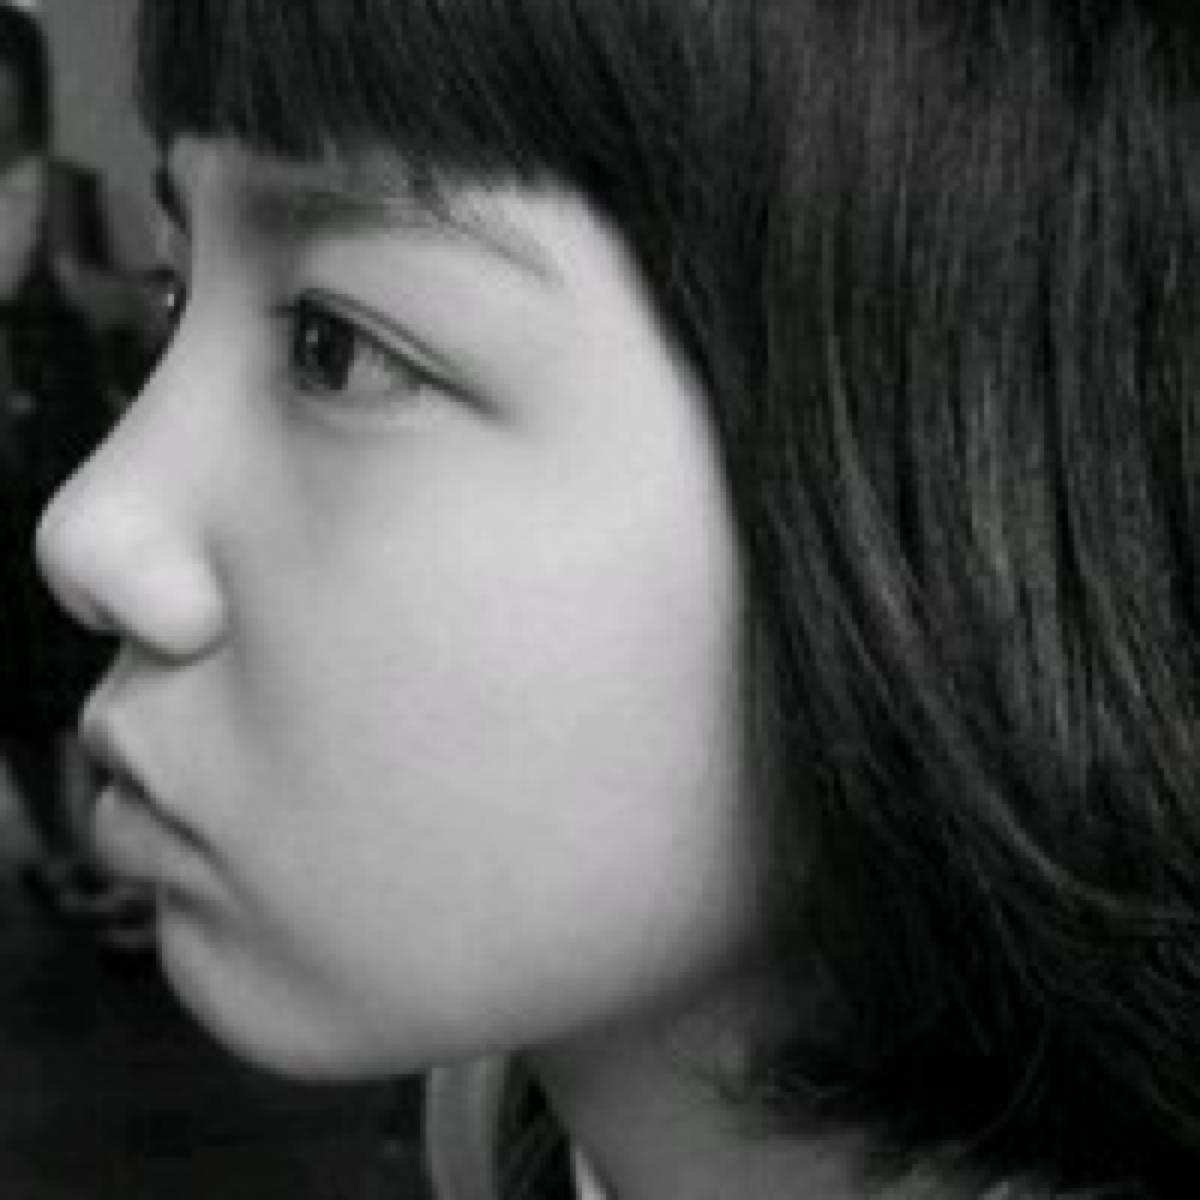 成熟黑白侧面美女头像_求几张黑白头像女生侧面_百度知道